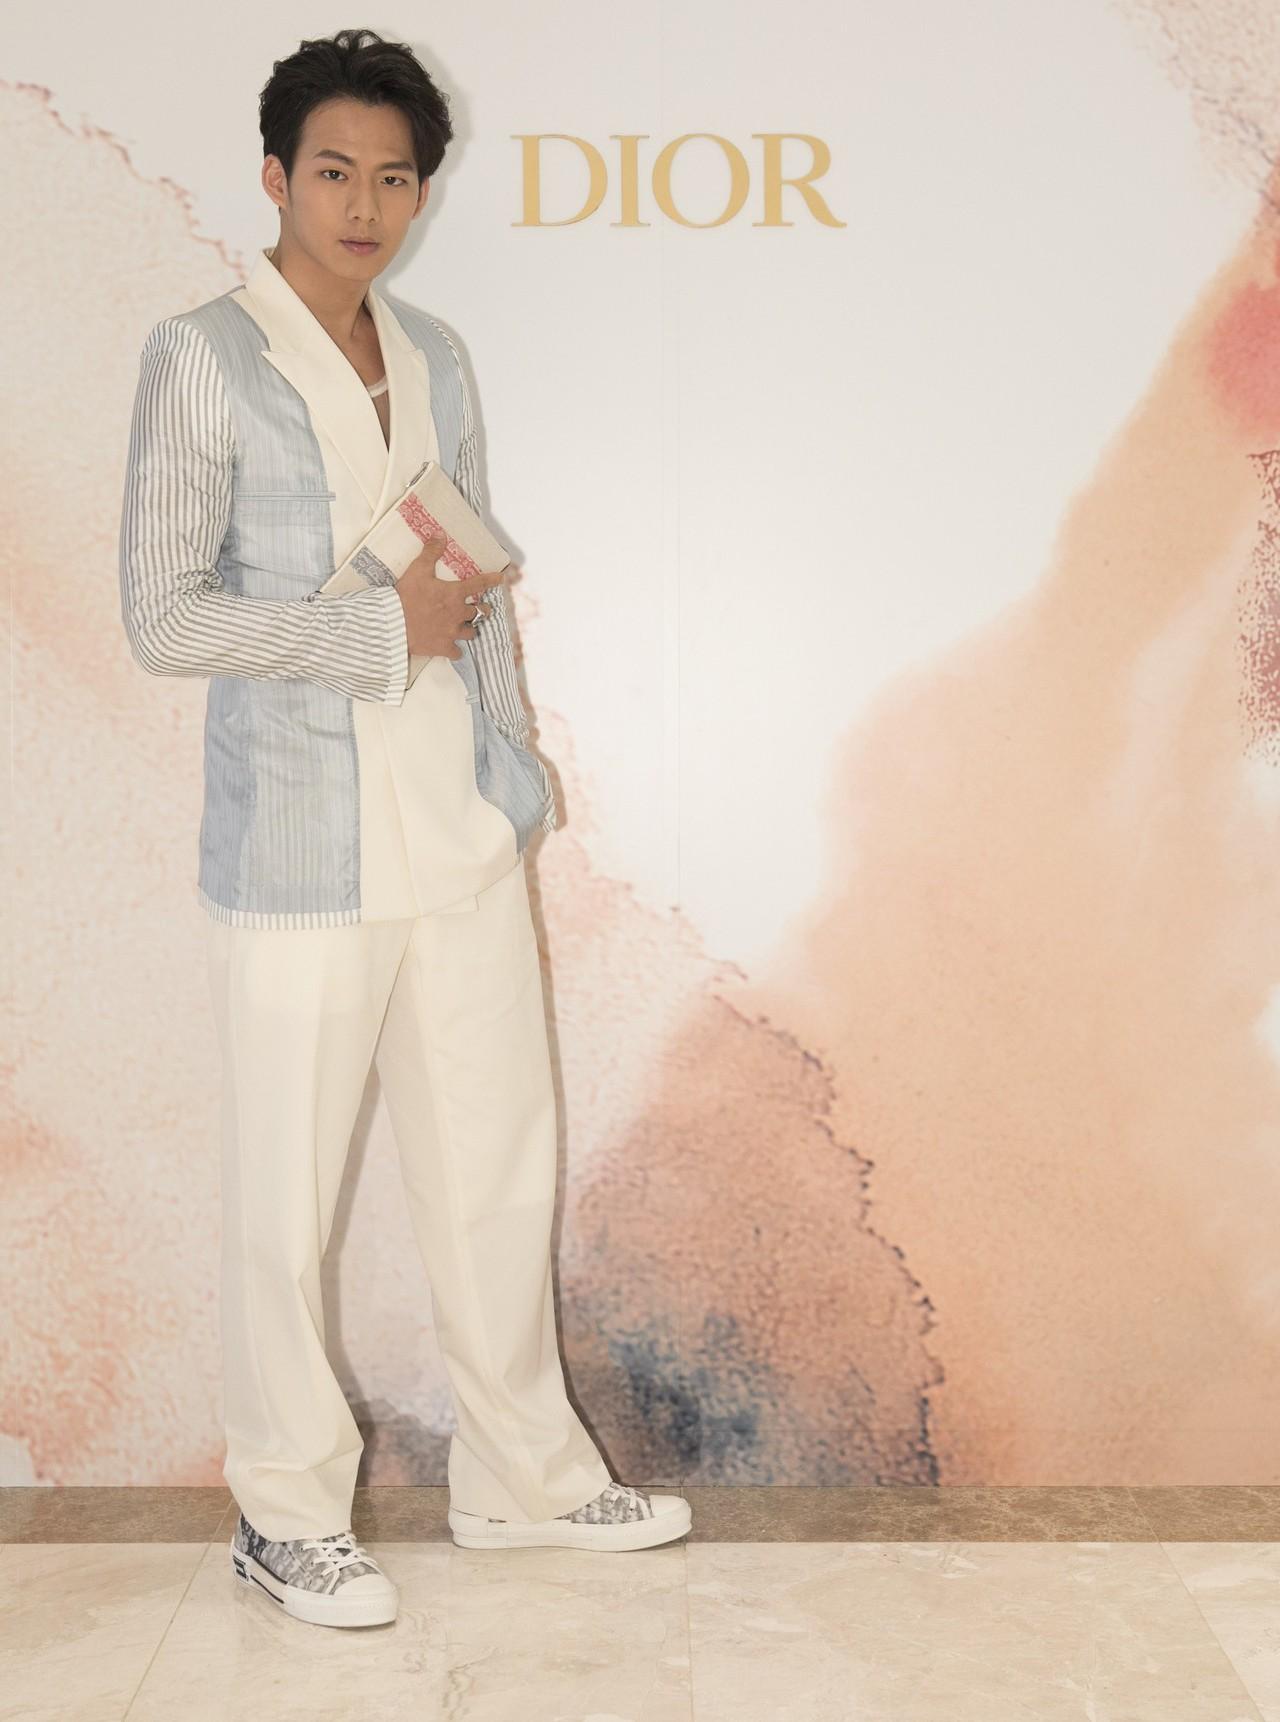 吳念軒表示身上的衣服穿起來有舞動的節奏感。圖/Mark Li提供